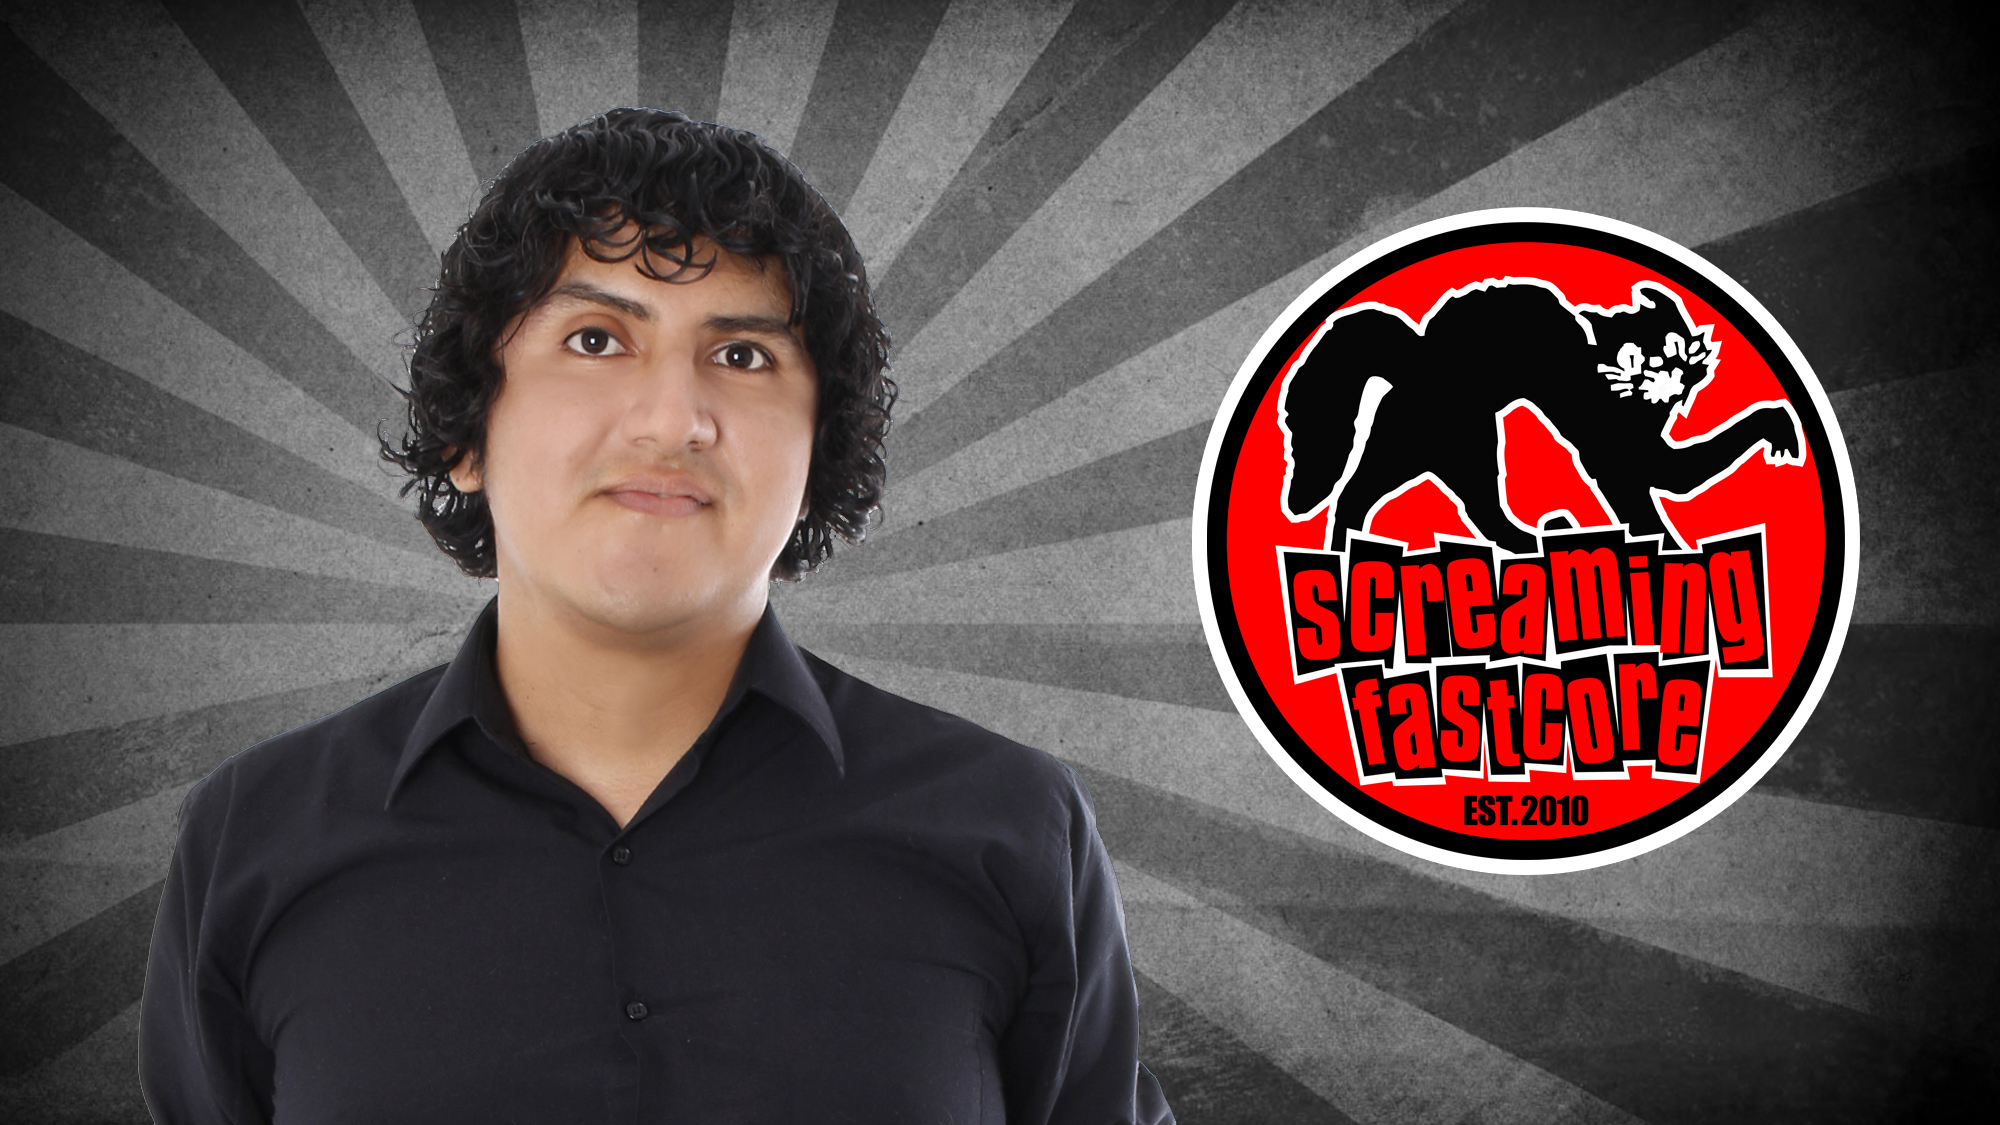 Mario Gallardo de Screaming Fastcore